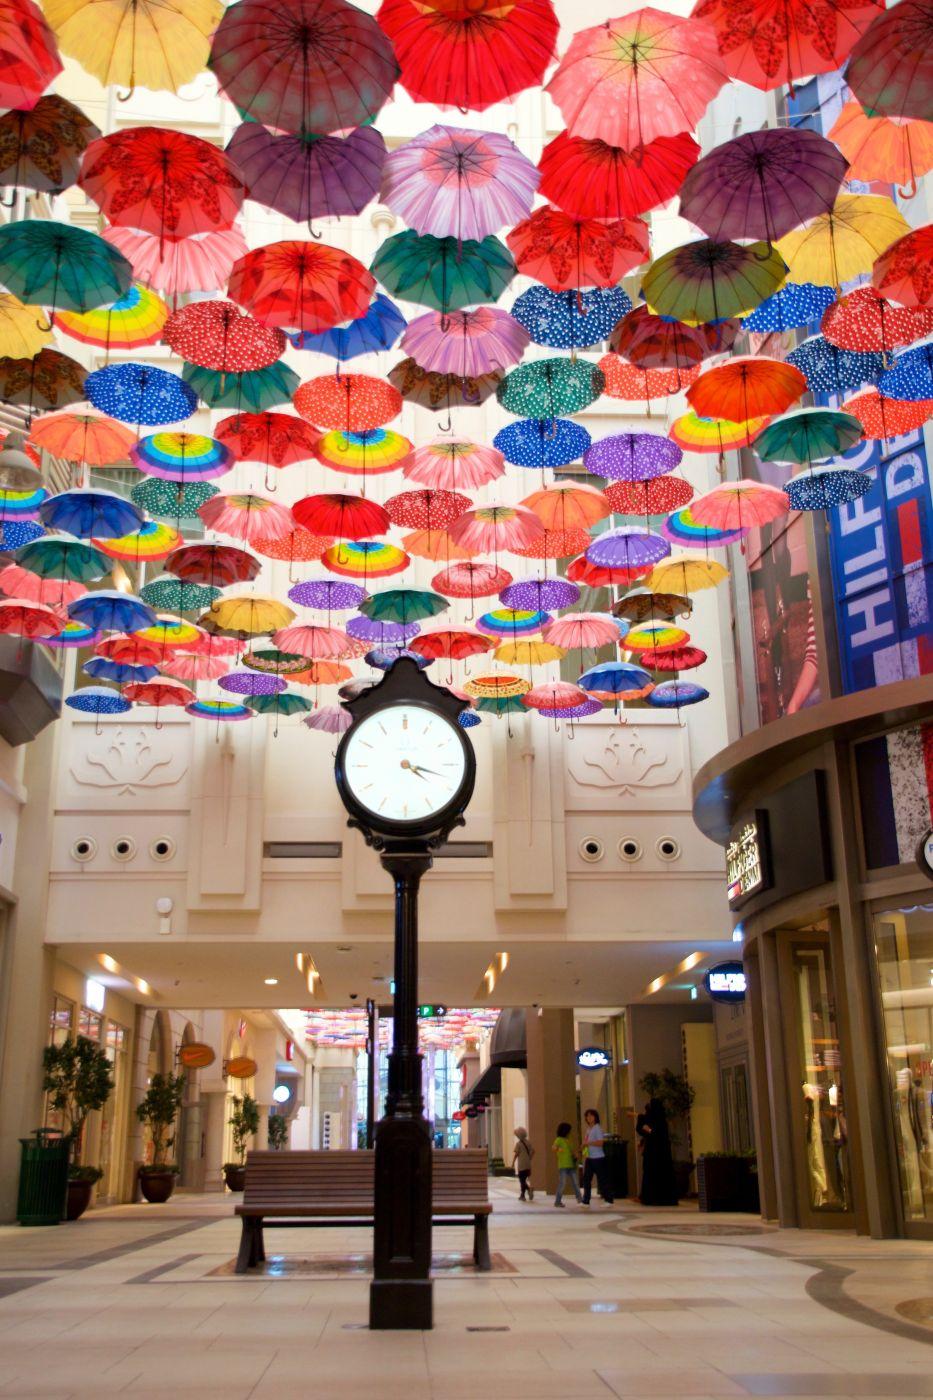 Umbrellas in Village Dubai Mall, United Arab Emirates